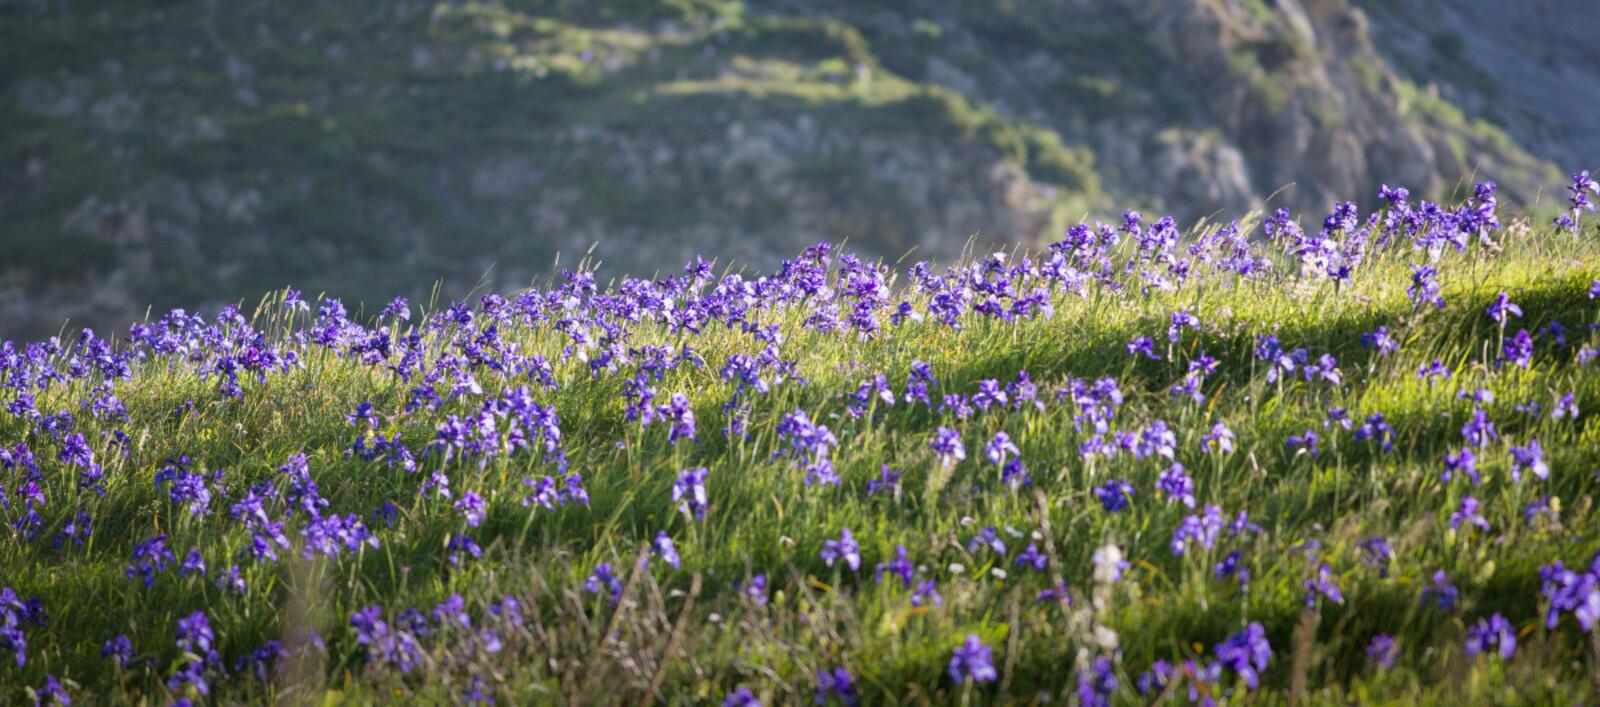 © P. Meyer - Parc national des Pyrénées